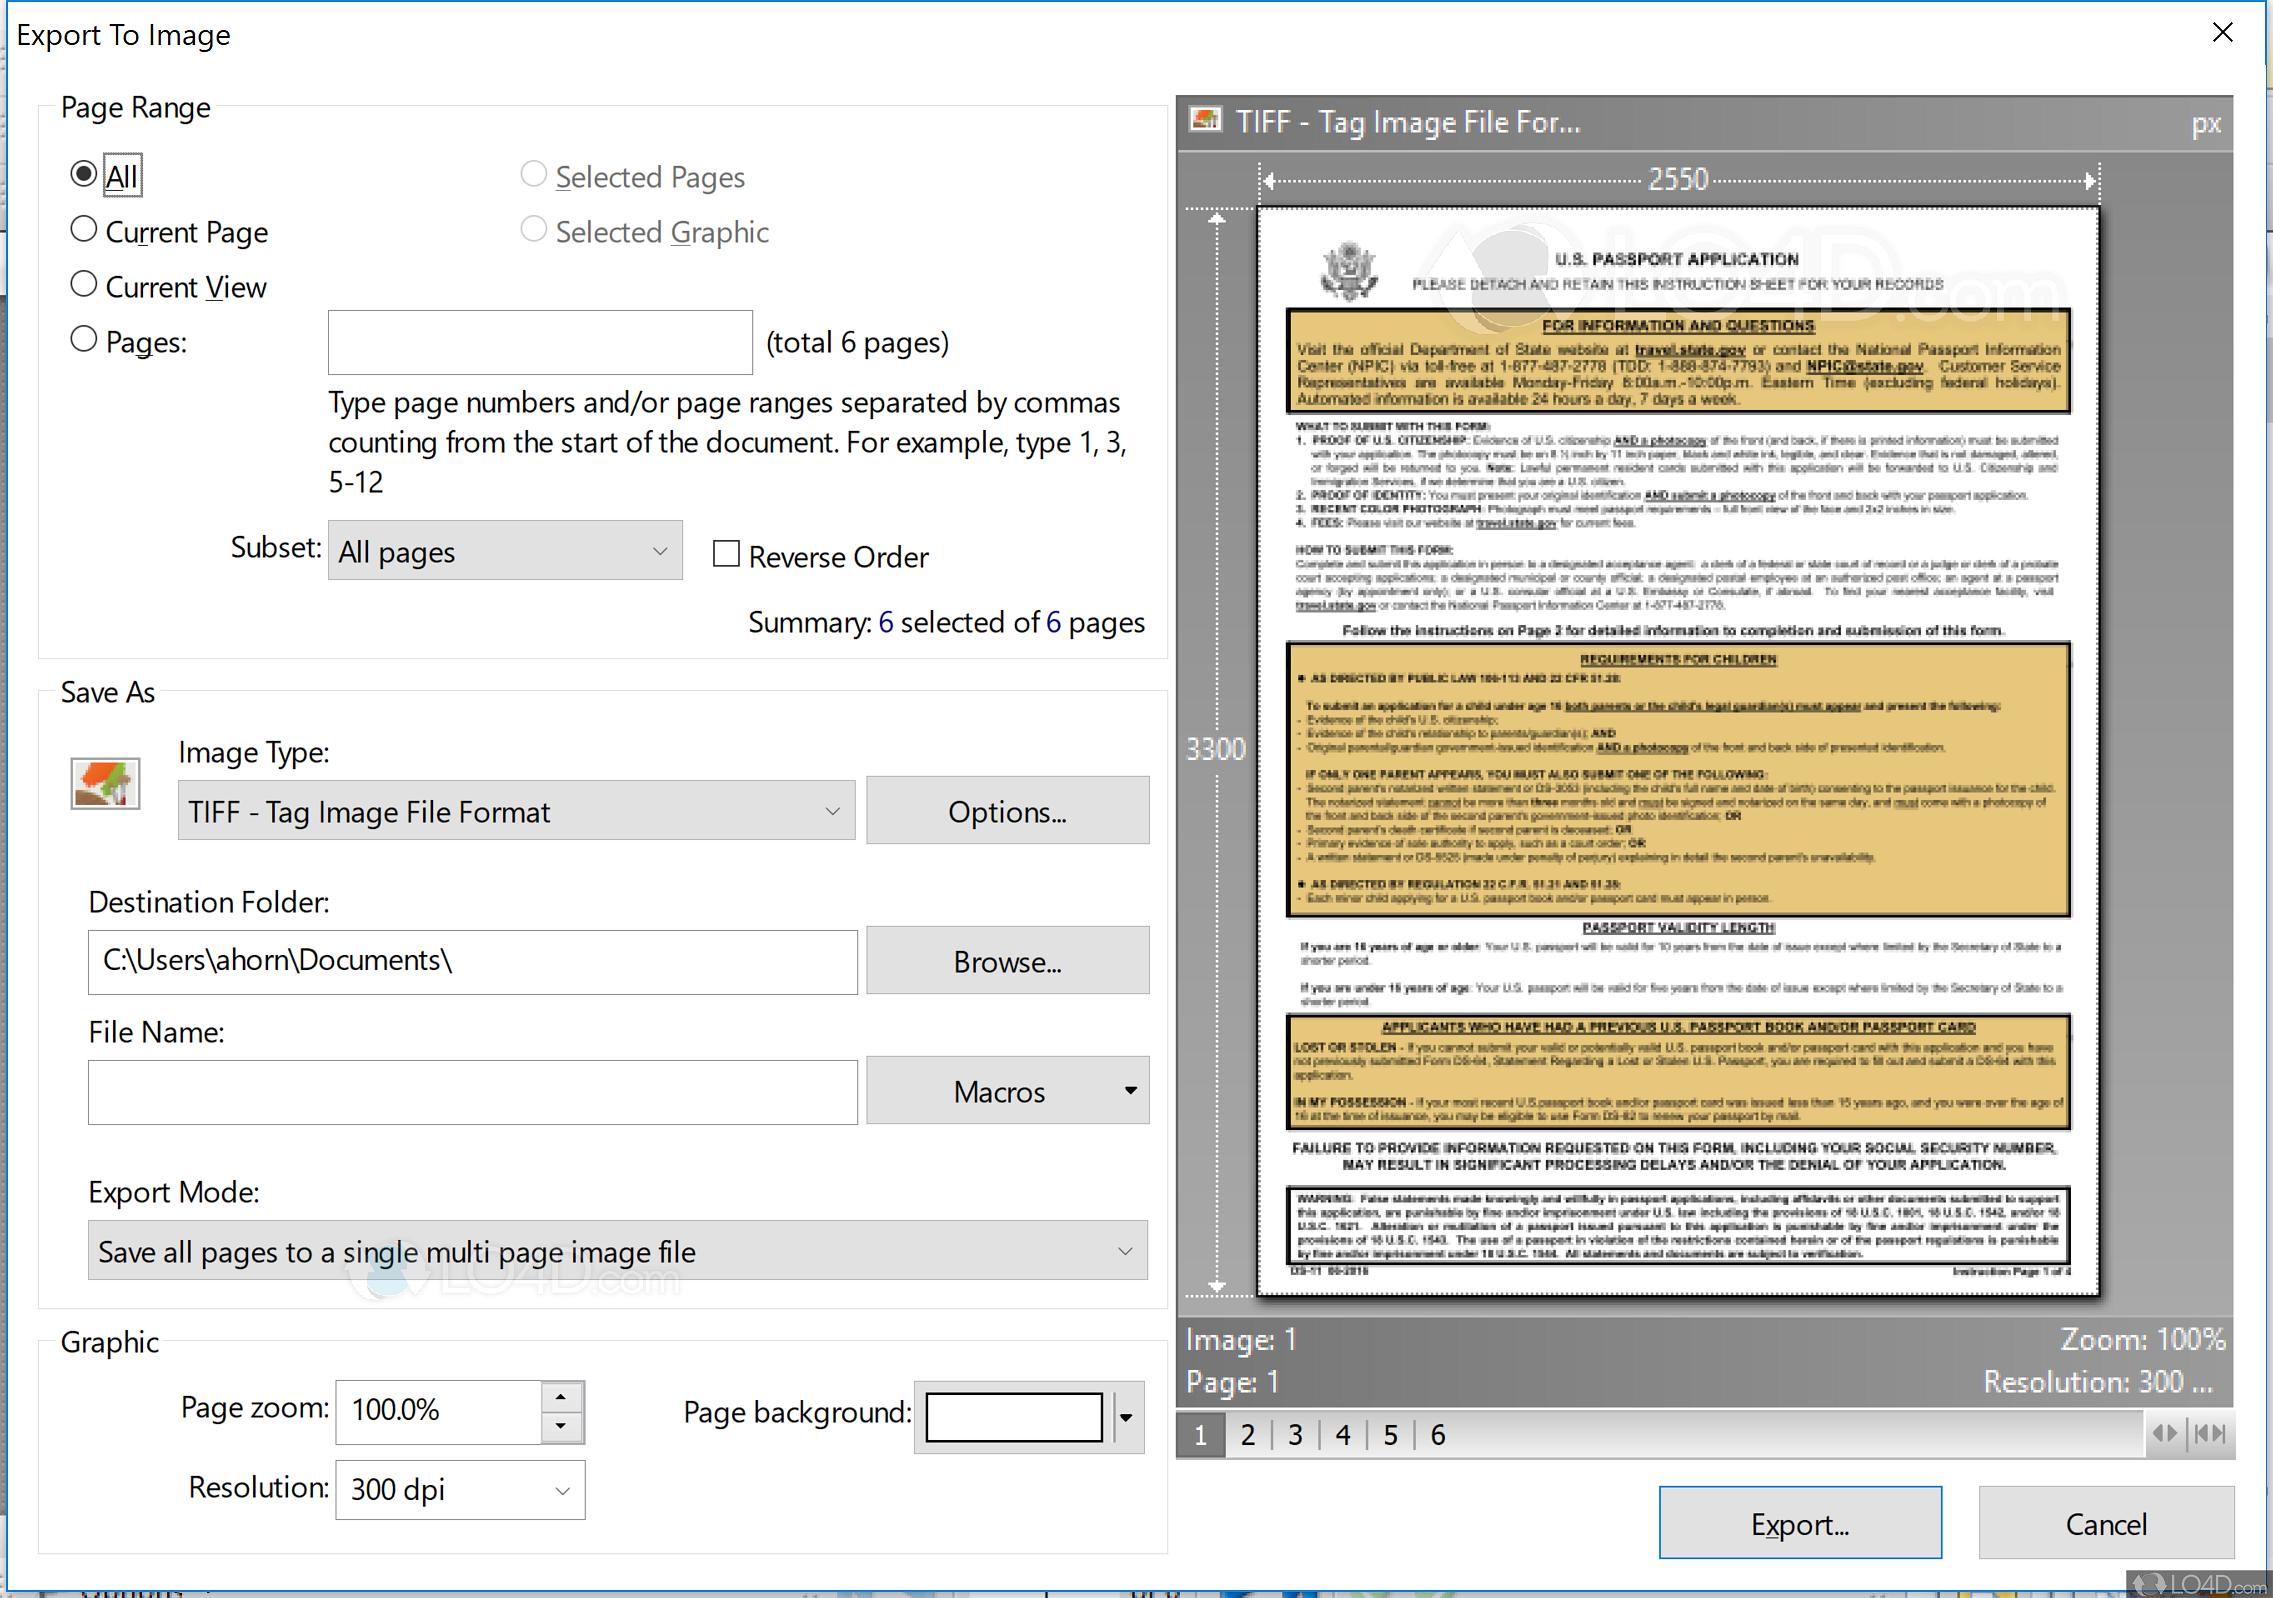 Considérablement moins cher que la plupart des éditeurs de PDF, Tracker PDF XChange Pro possède tous les outils que l'on peut attendre d'un logiciel professionnel. L'interface d'utilisation du logiciel n'est pas aussi instinctif que certains concurrents, surtout qu'elle est en anglais, mais vu le prix, on s'y fait très bien.